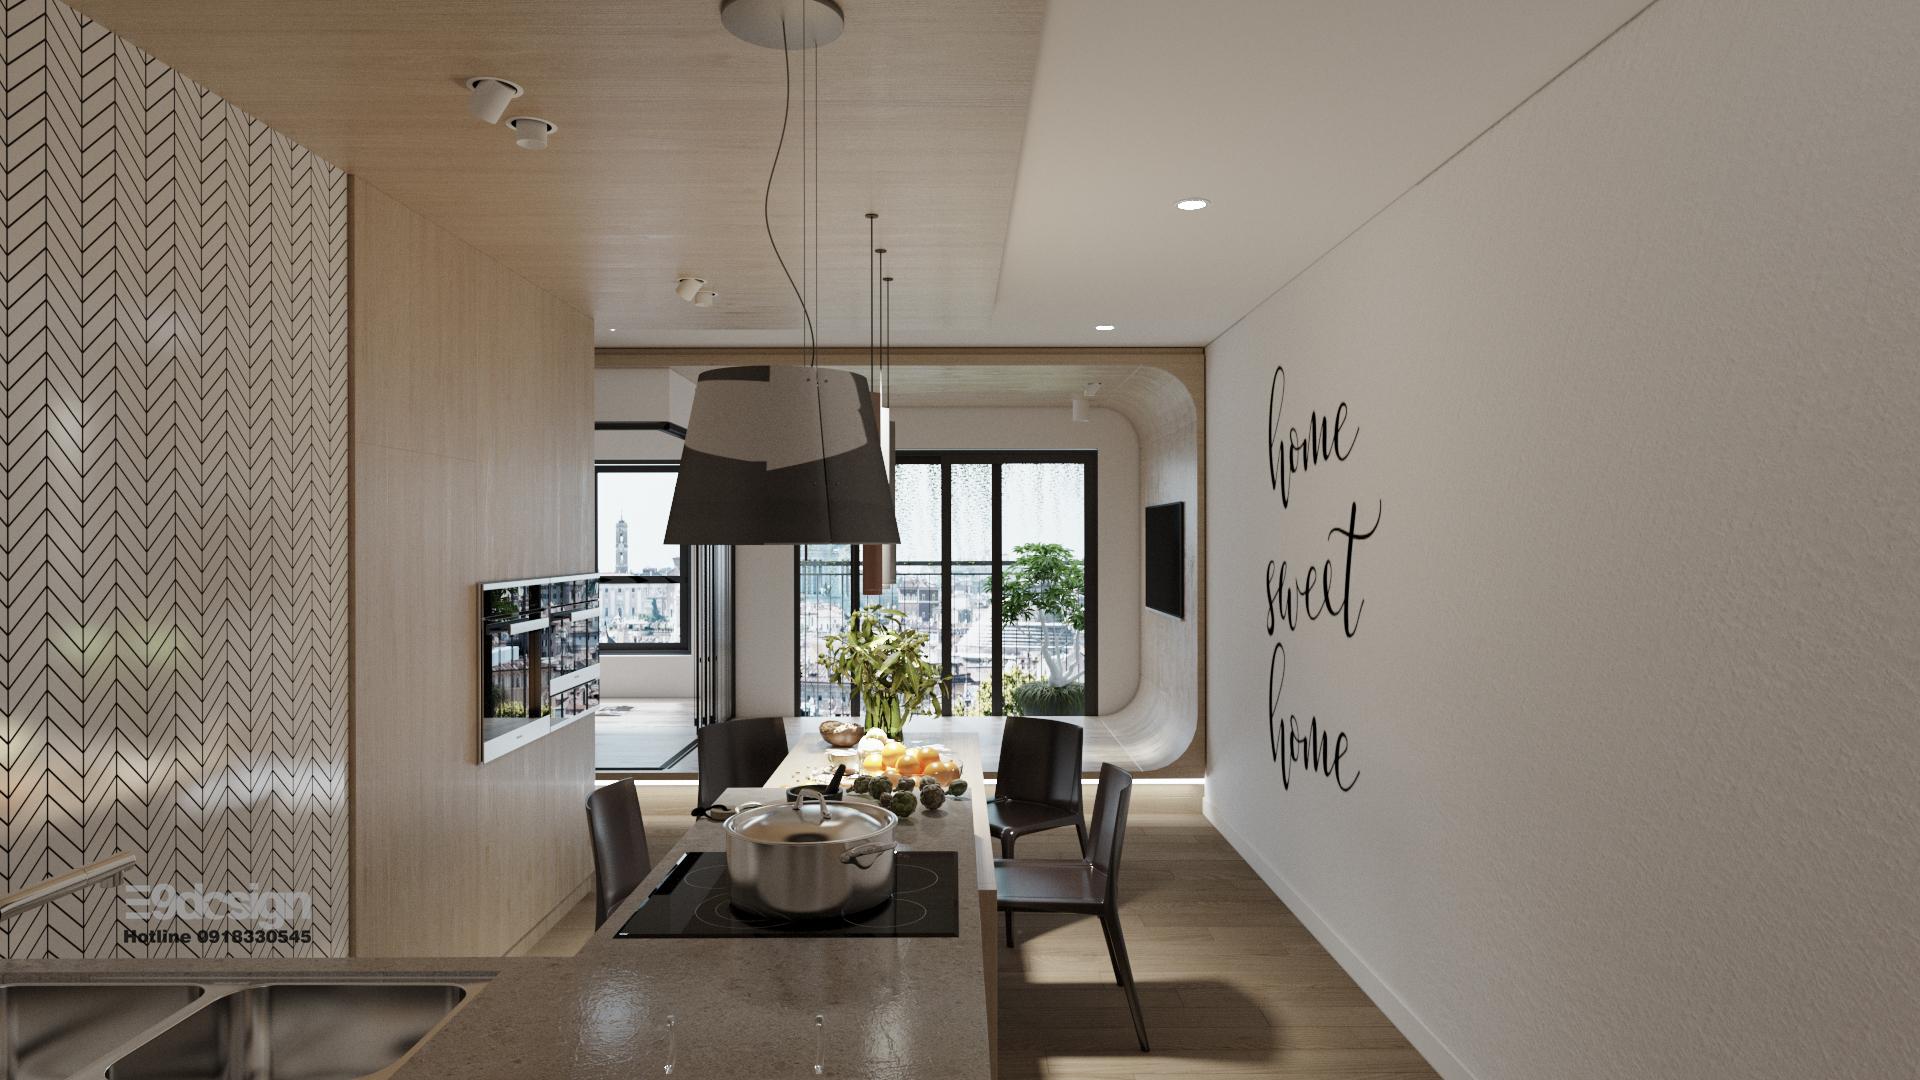 Thiết kế nội thất căn hộ vinhomes grand park căn hộ 2 phòng ngủ